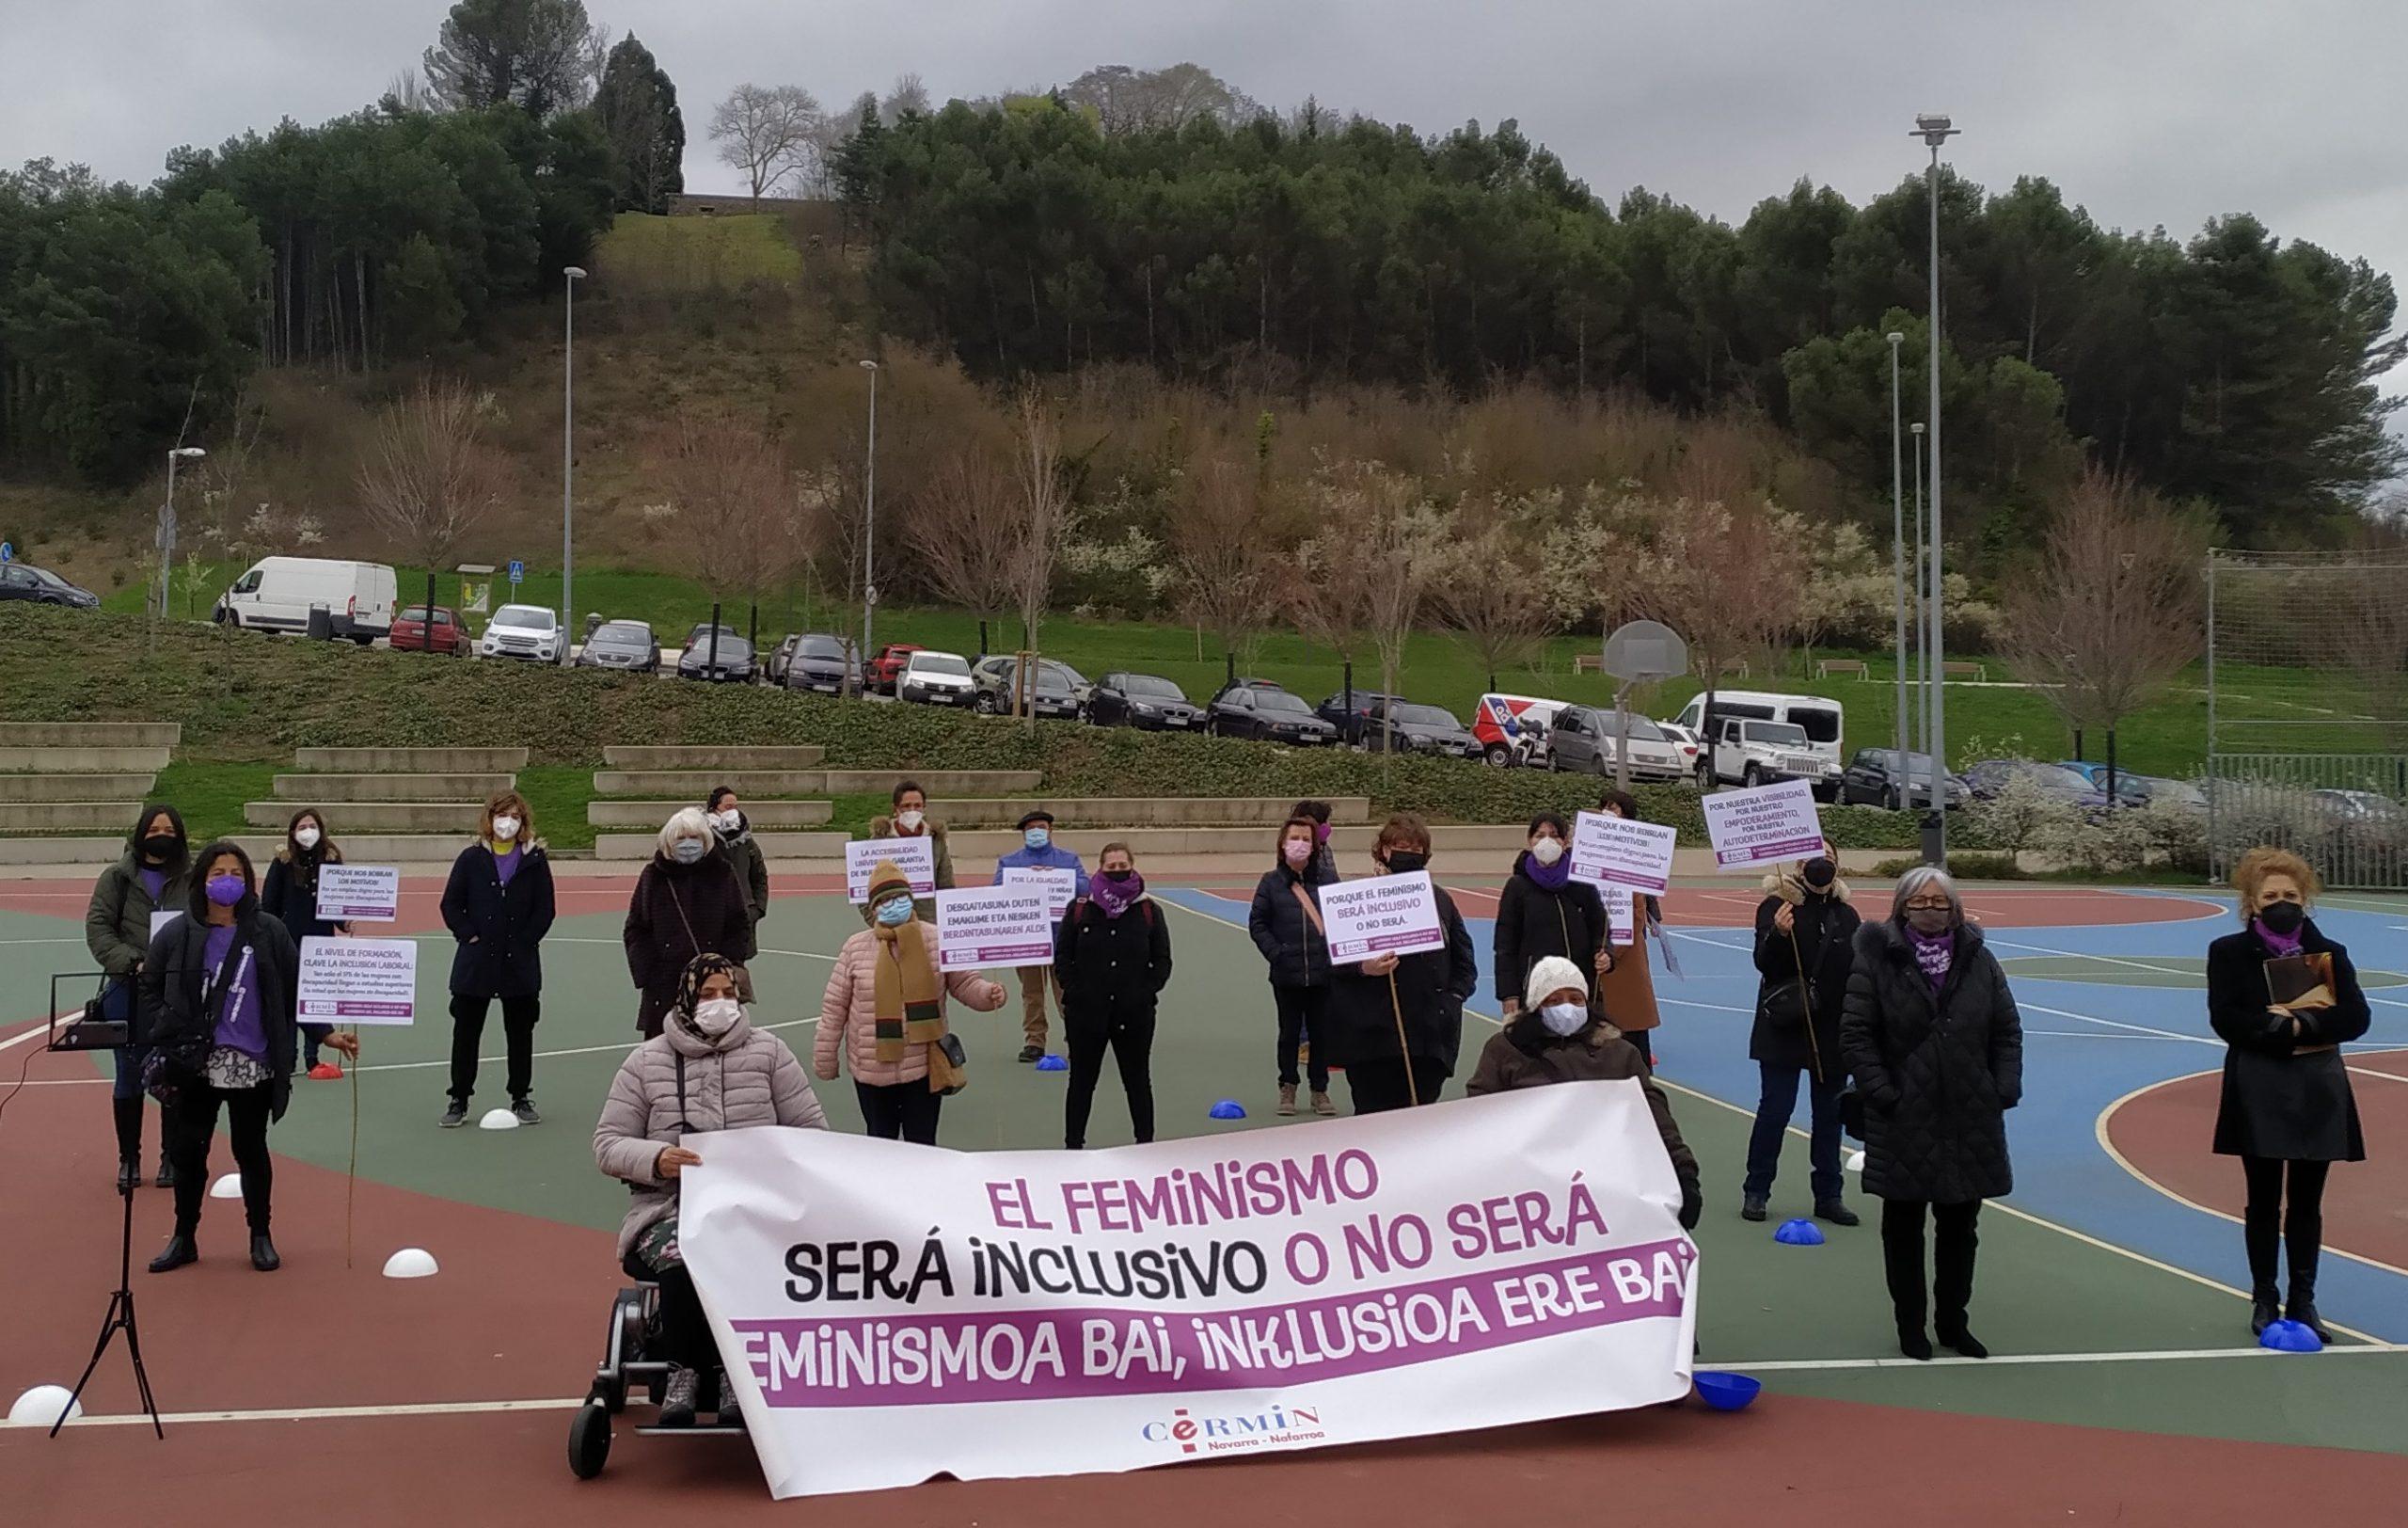 Imagen de la concentración. En primer término la pancarta portada por mujeres con discapacidad